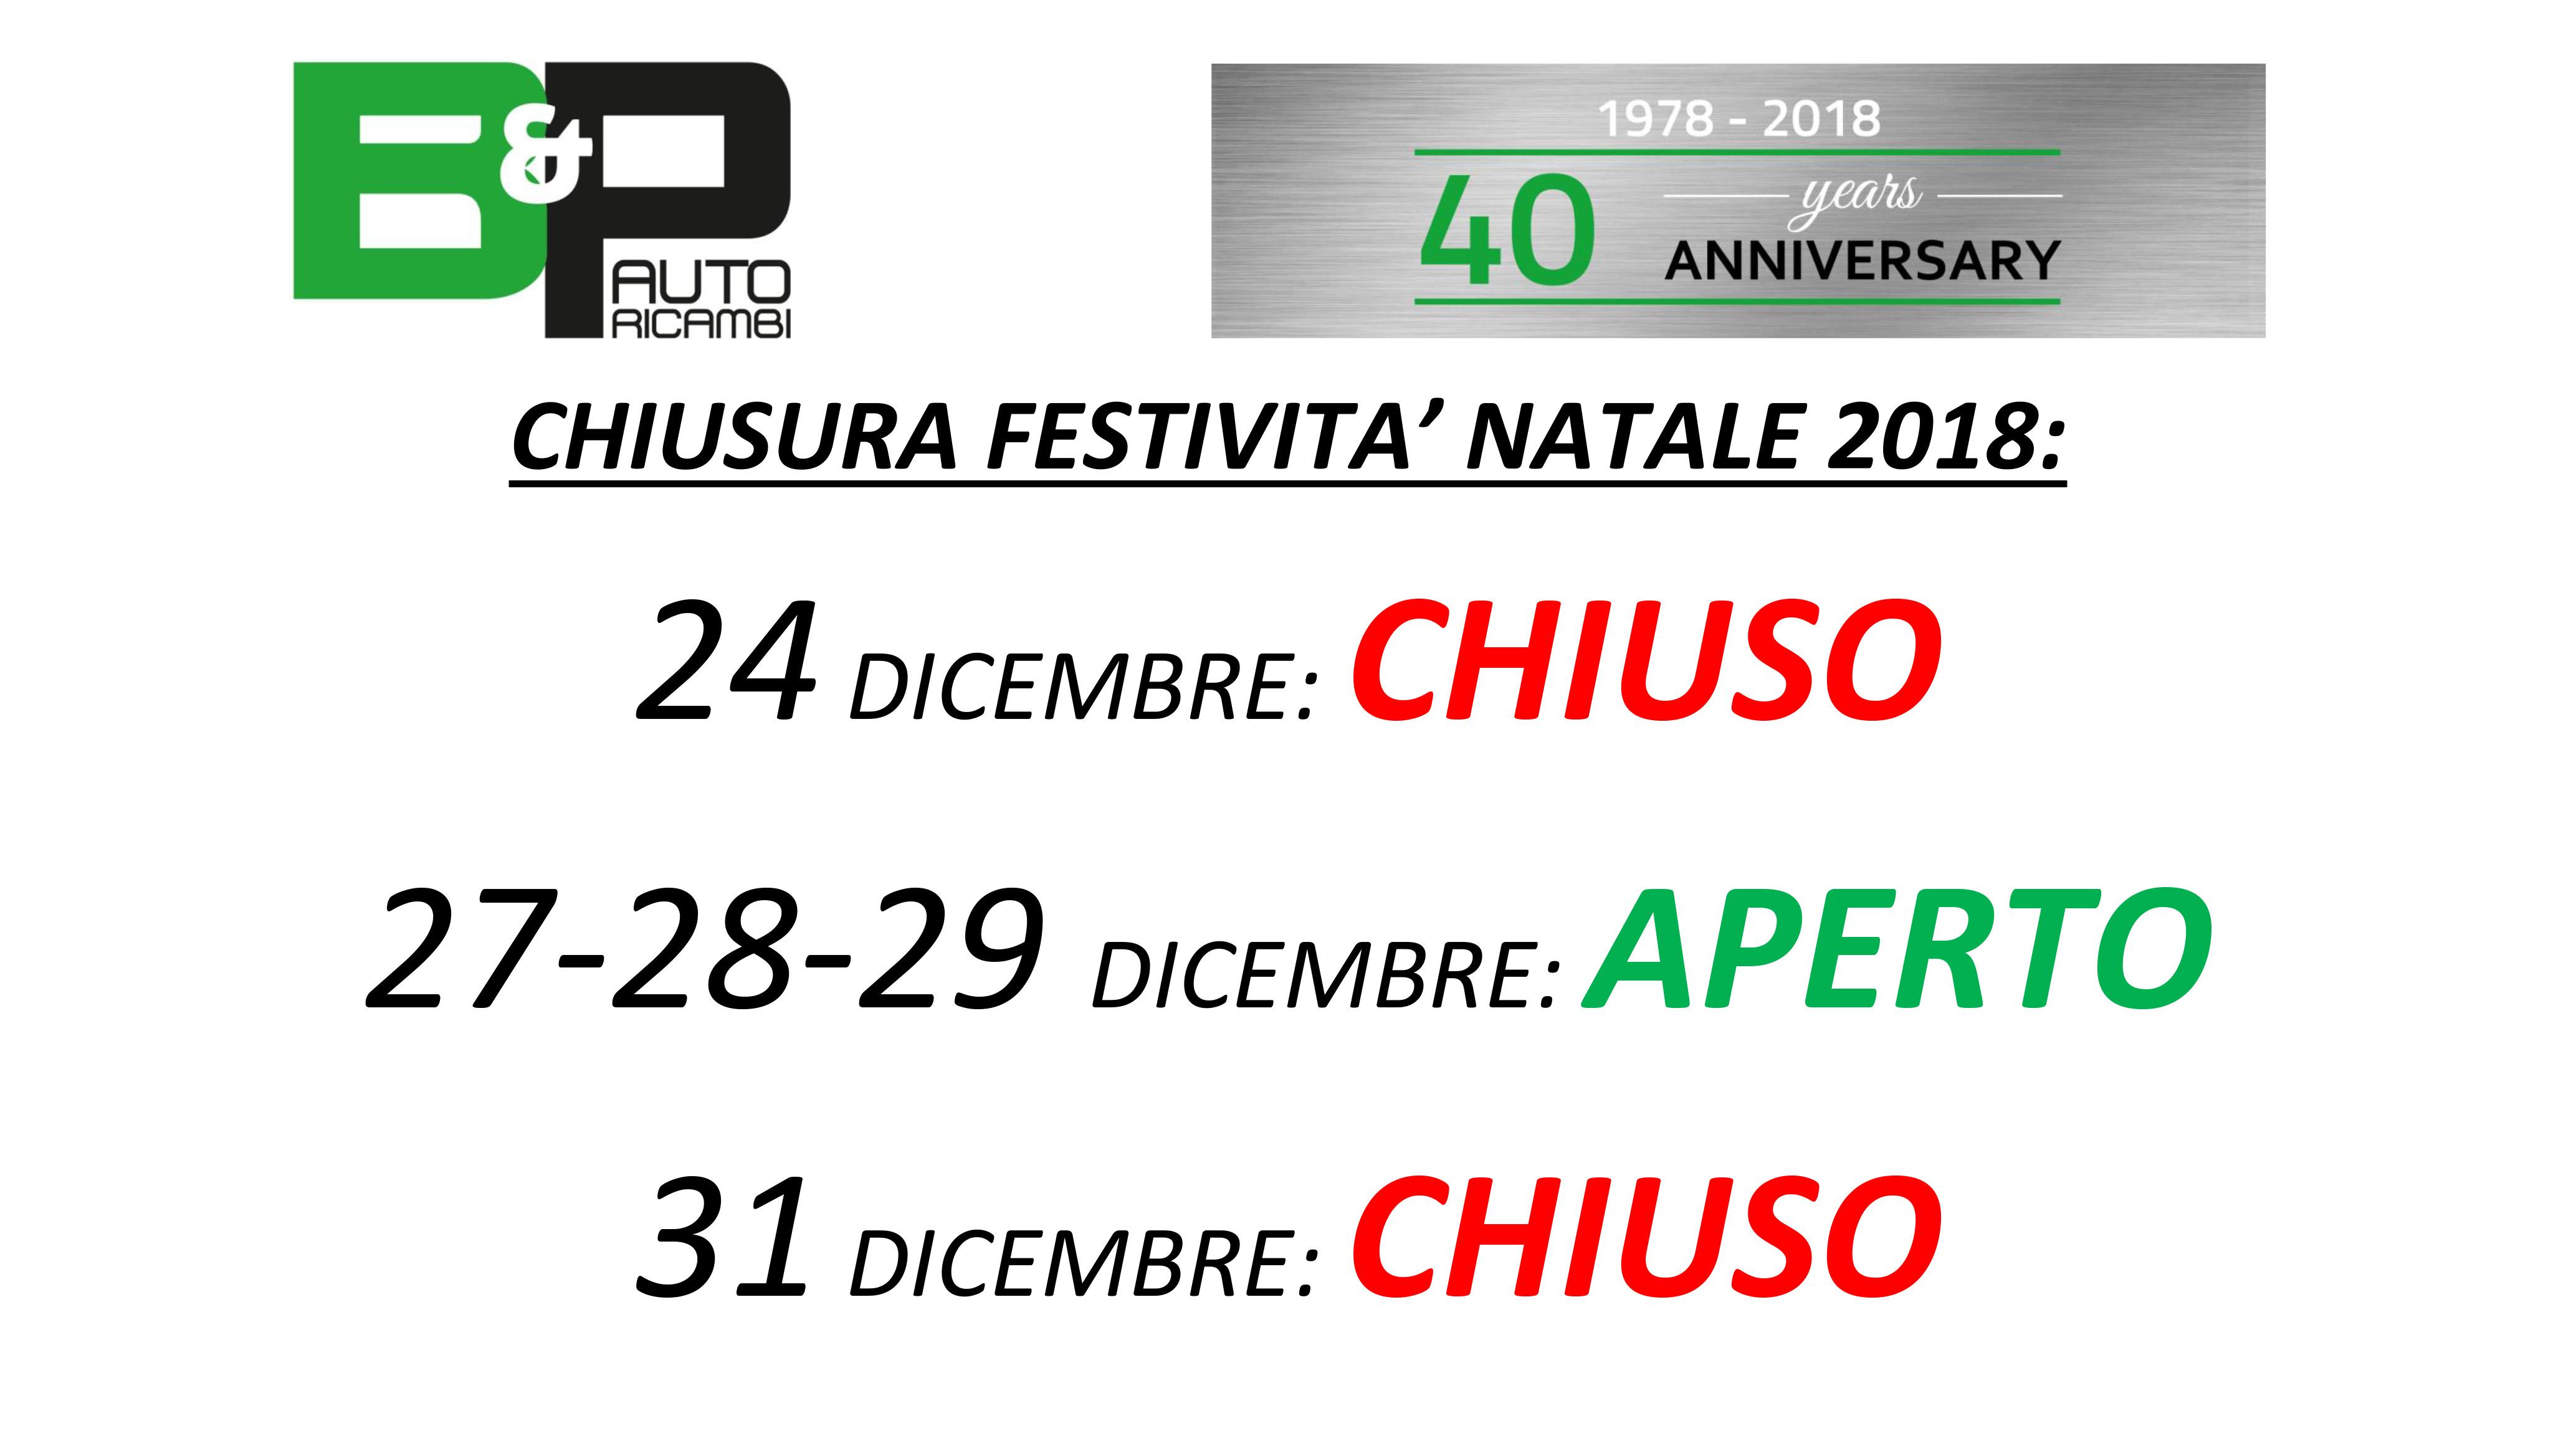 FESTIVITA' NATALE 2018